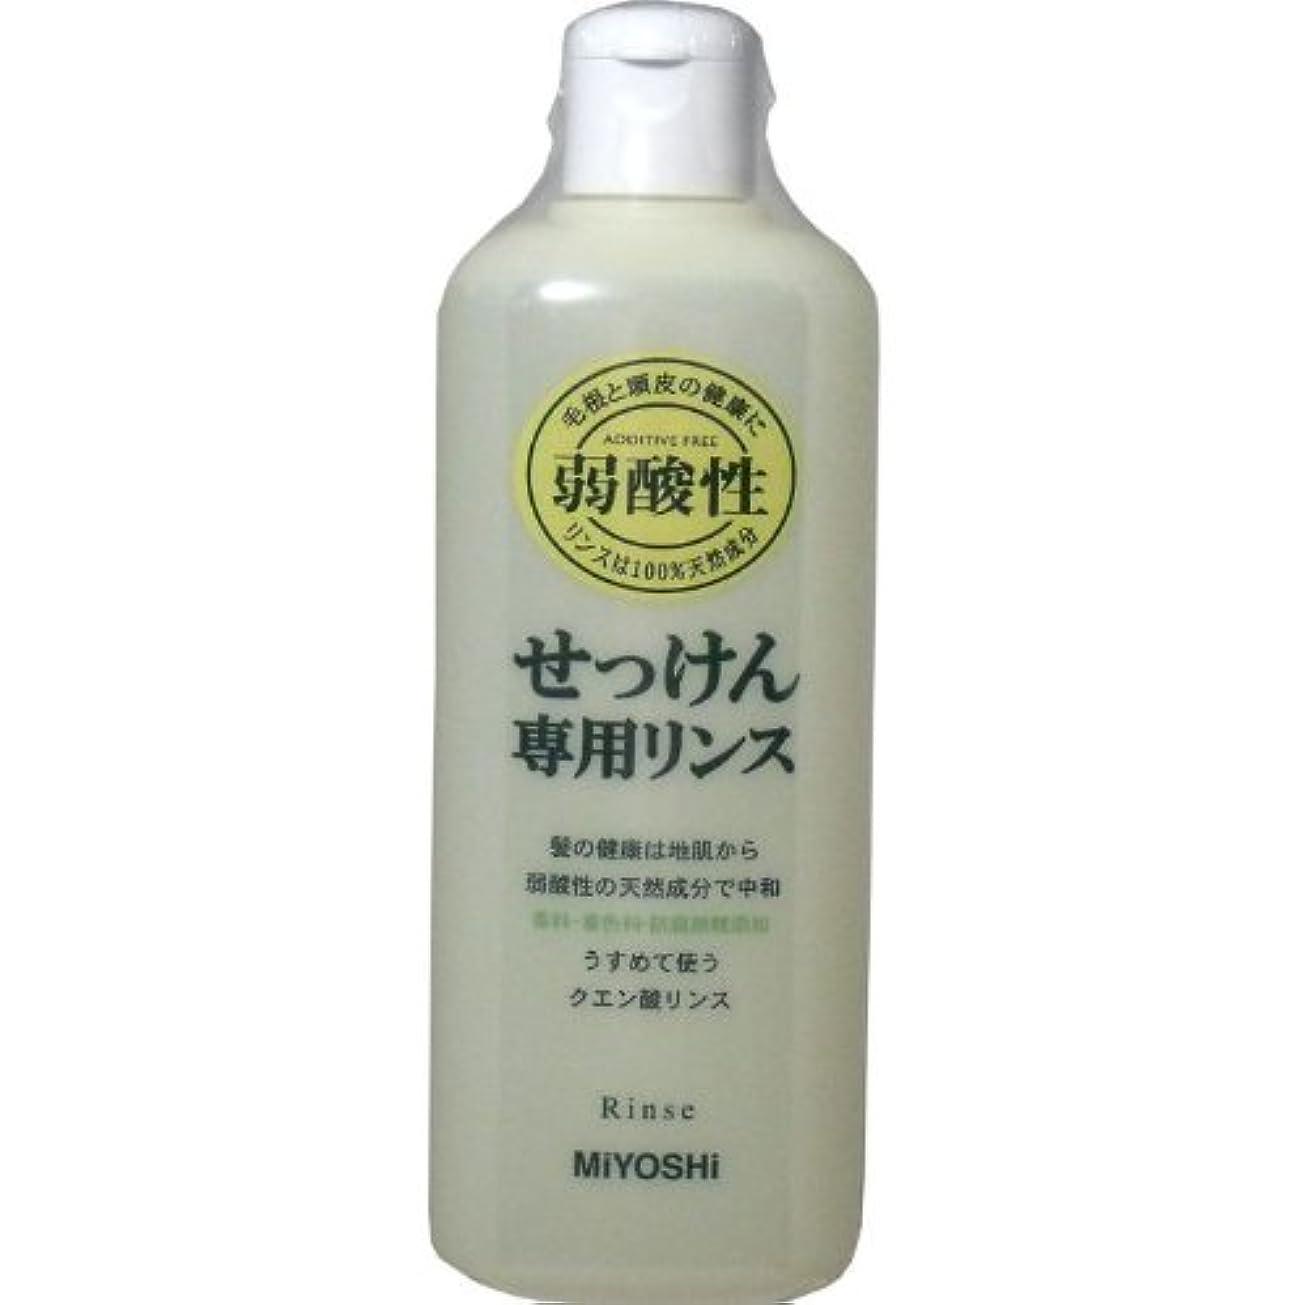 移民四回想髪の健康は地肌から、弱酸性の天然成分で中和!!香料、防腐剤、着色料無添加!うすめて使うクエン酸リンス!リンス 350mL